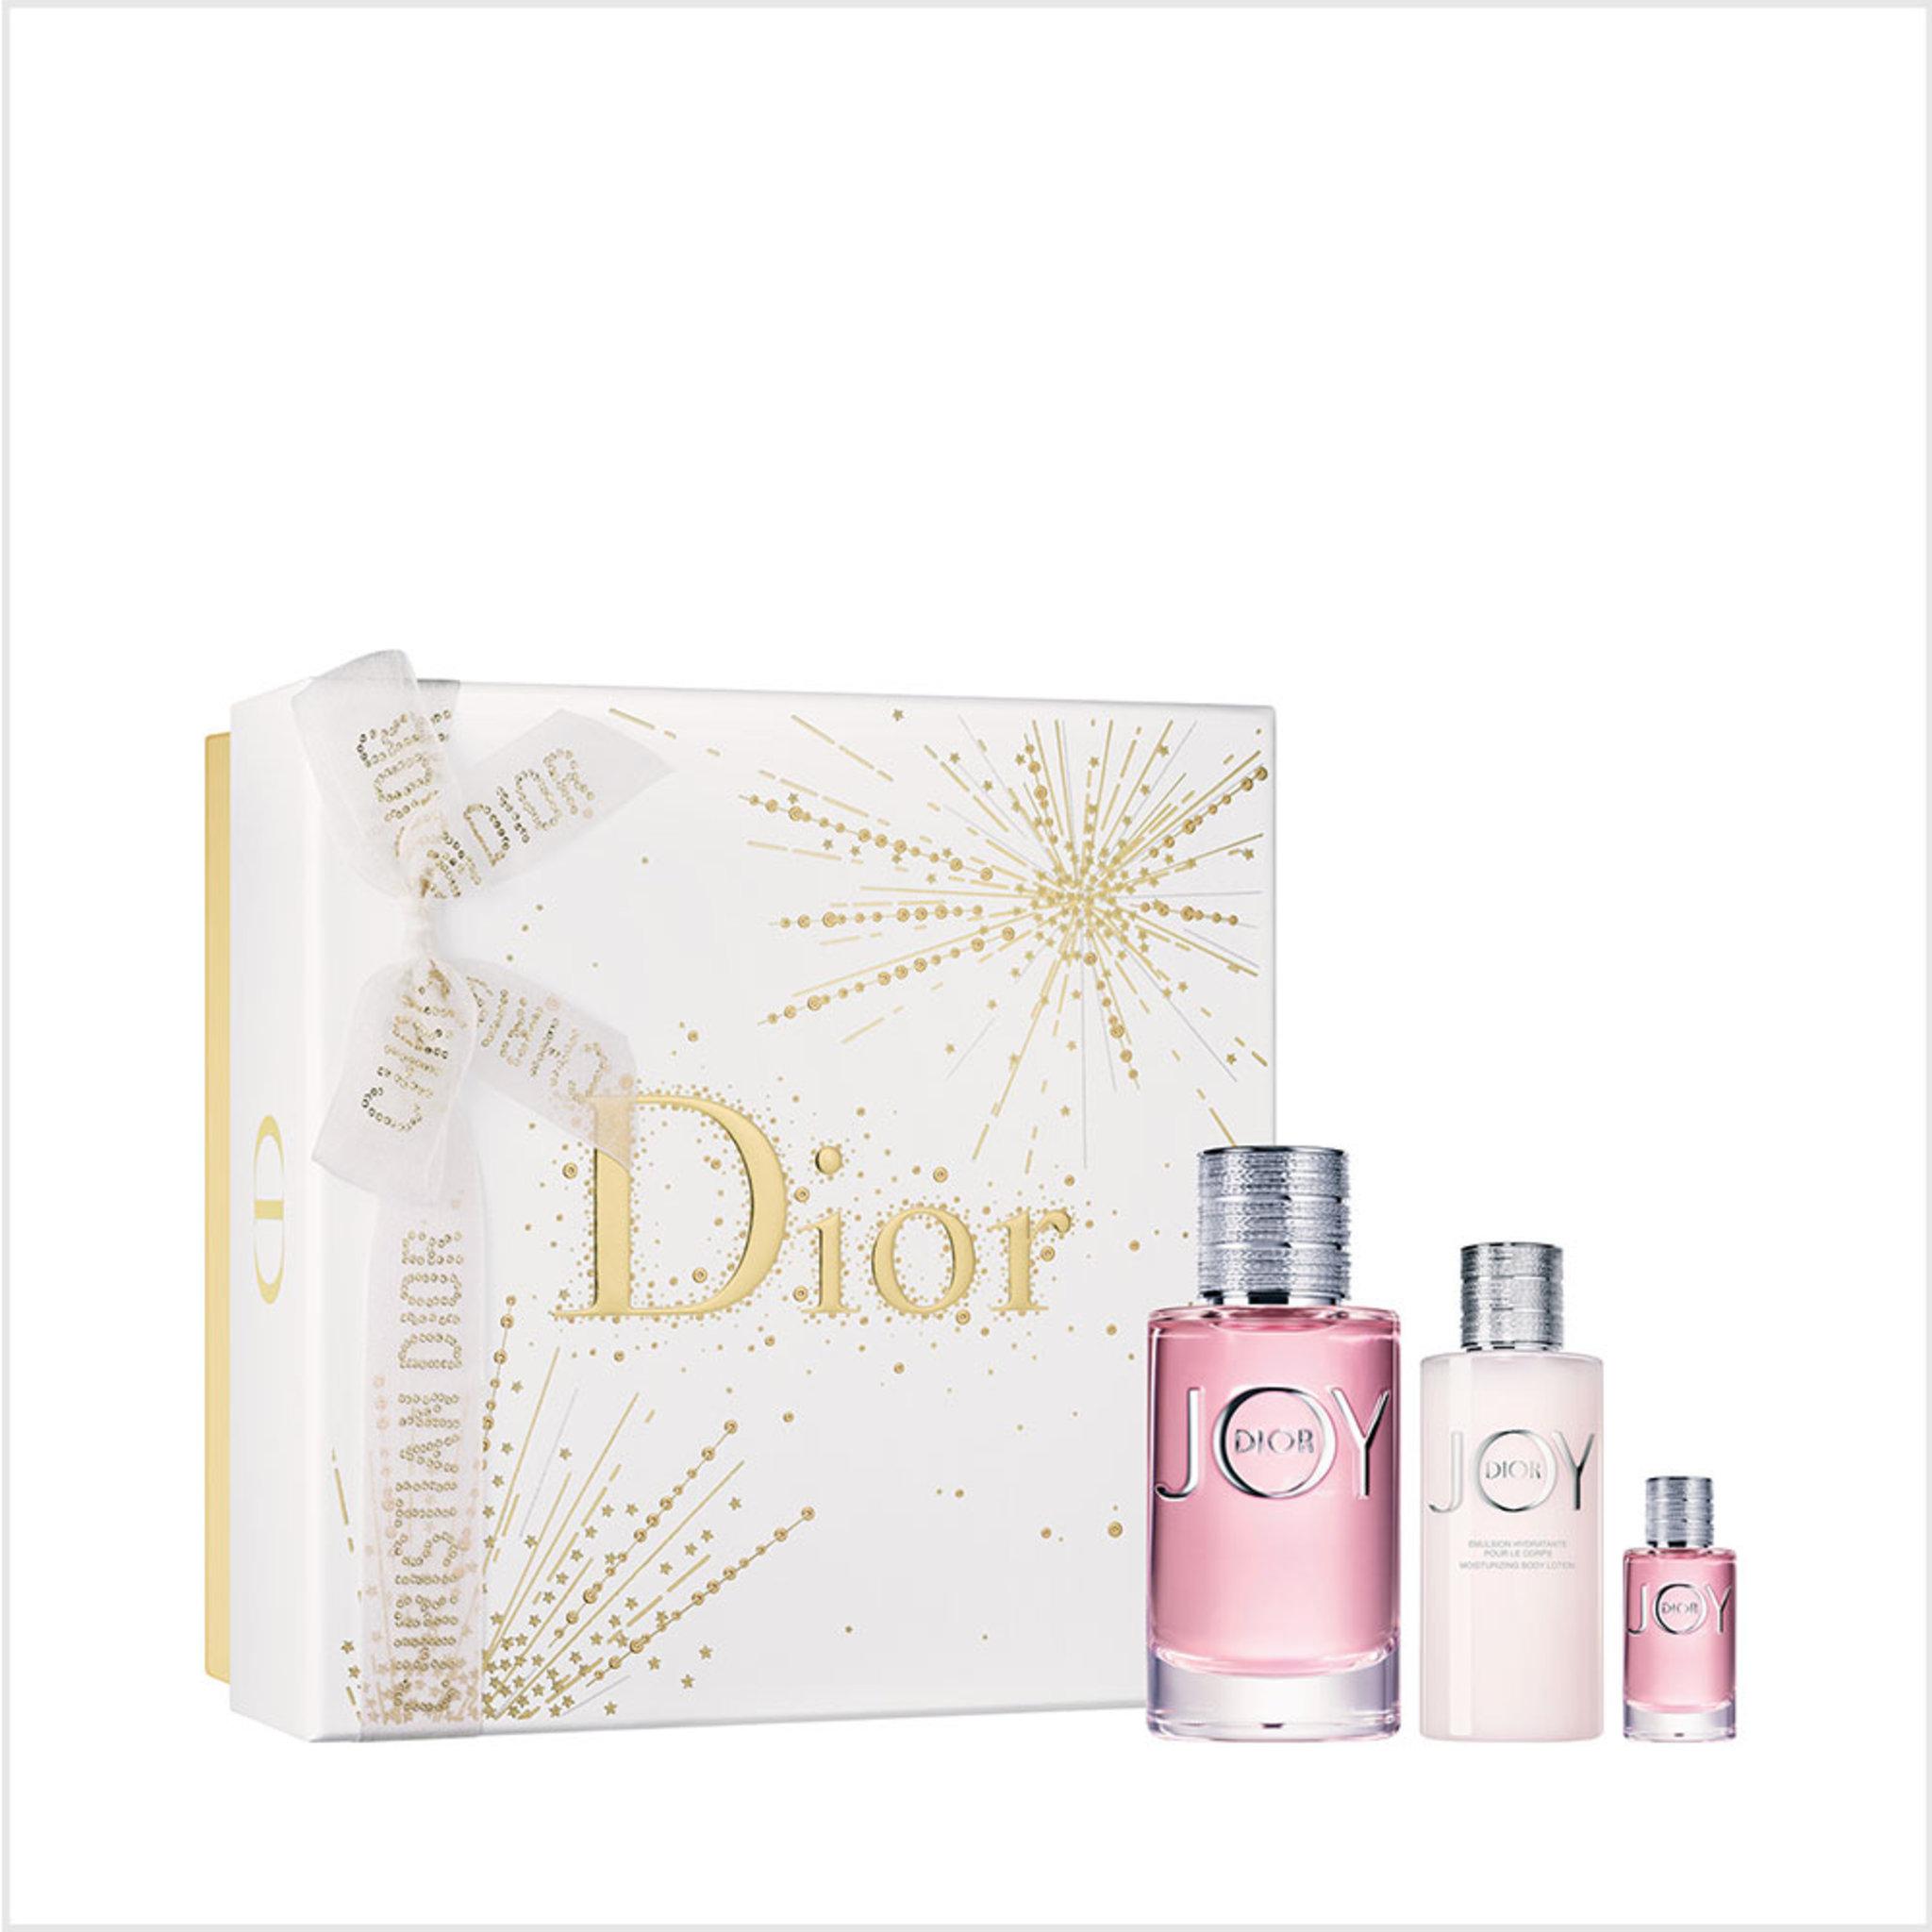 JOY by Dior Xmas Set